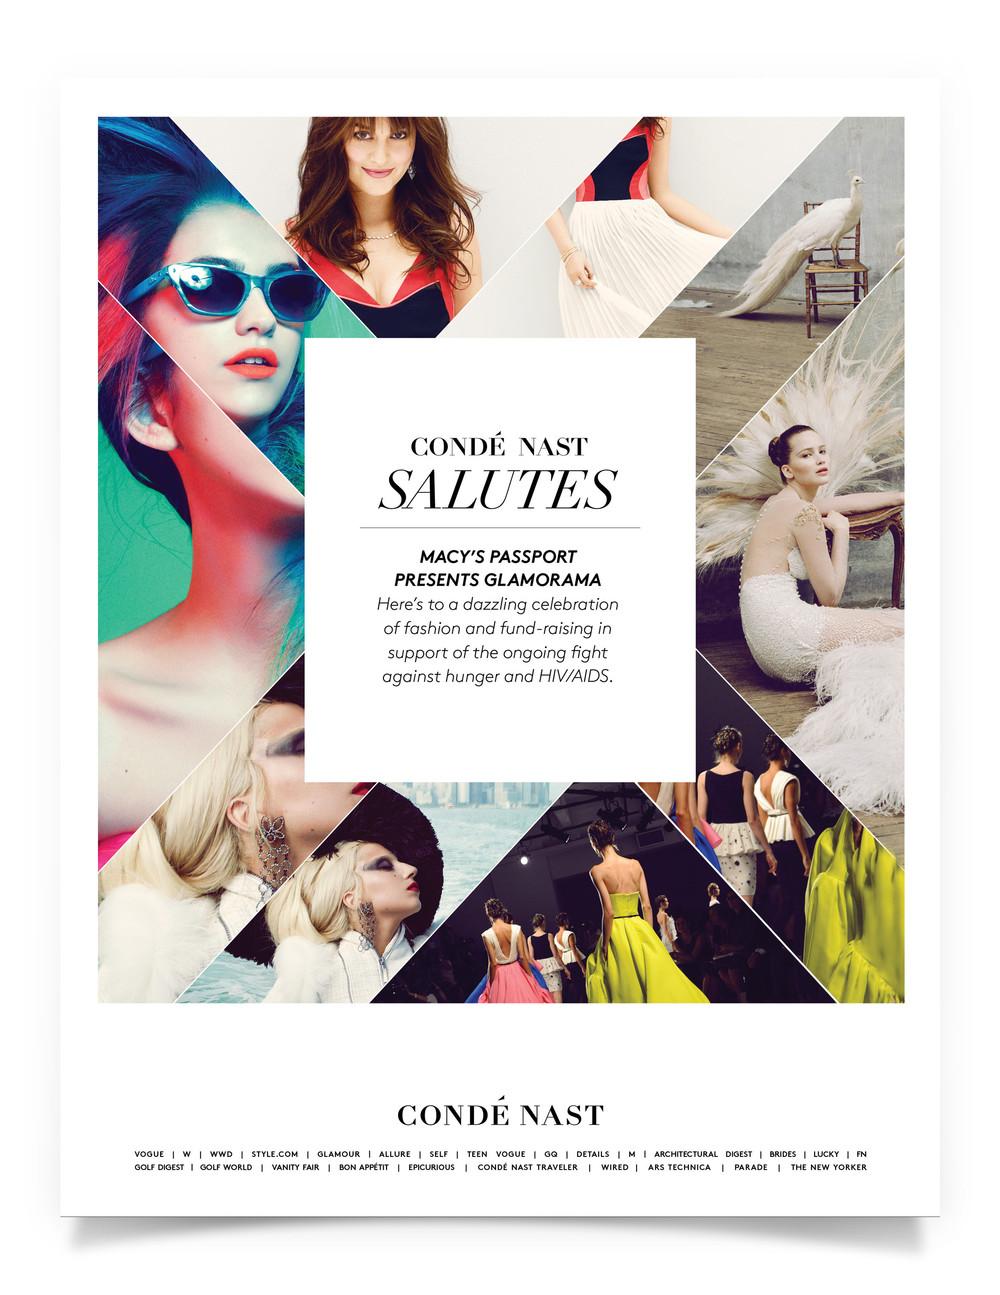 Condé Nast Journal Ad Design